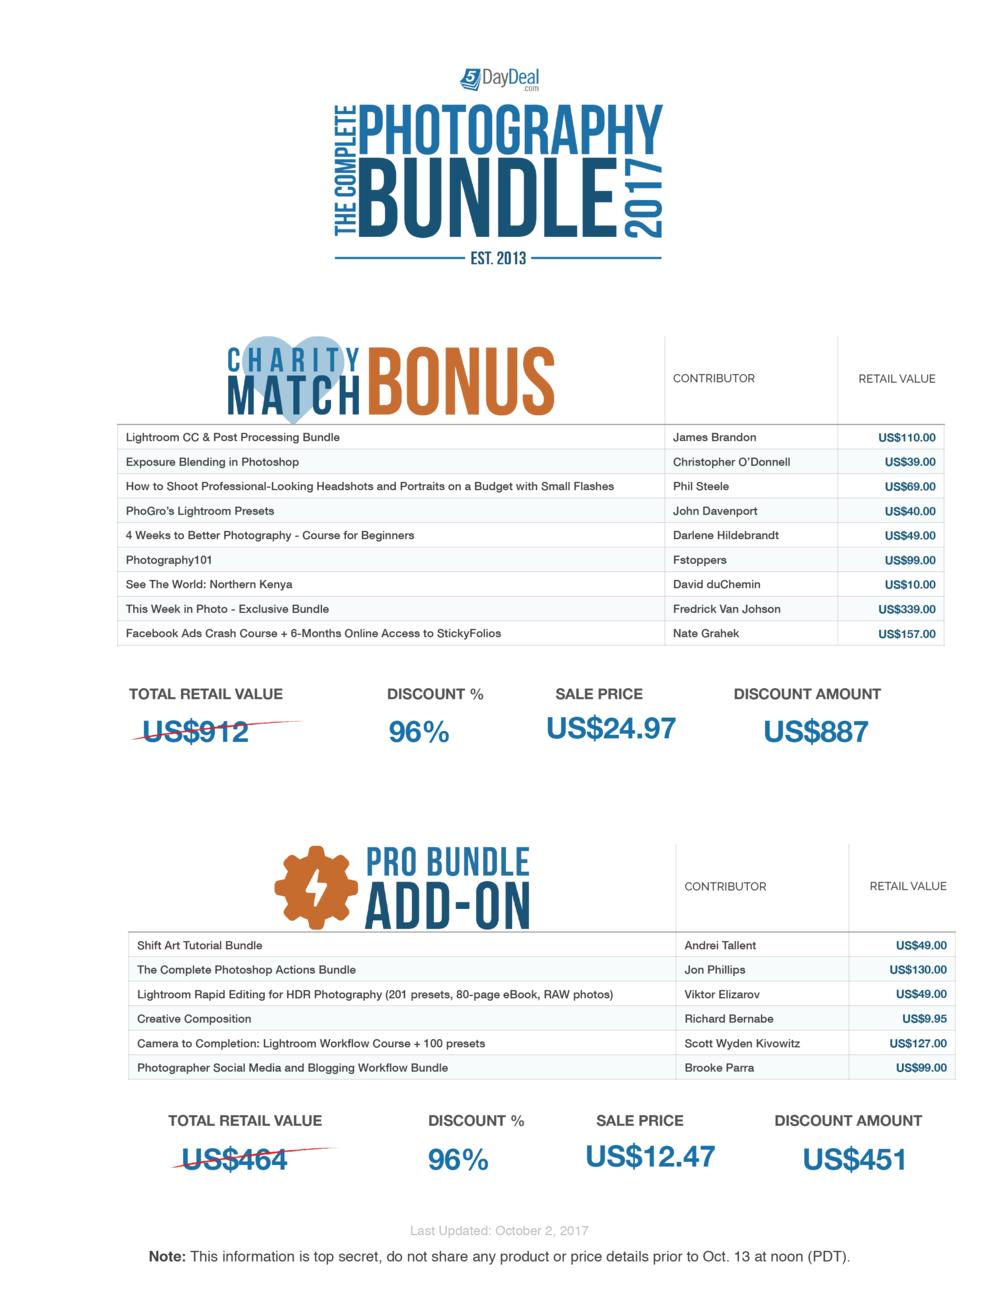 Voor nog $24,97 extra verdubbel je niet alleen het bedrag dat naar het goede doel gaat, maar je krijgt ook toegang tot nog eens $900 aan extra content. Als je daarna nog $12,47 over hebt, kan je nog de Pro Bundle Add-on bijbestellen ook. Maar dat hoeft uiteraard niet. Je kan ook gewoon de standaard 5DayDeal bundle nemen. Met de content die daar in zit, ben je sowieso al wel eventjes zoet :-)